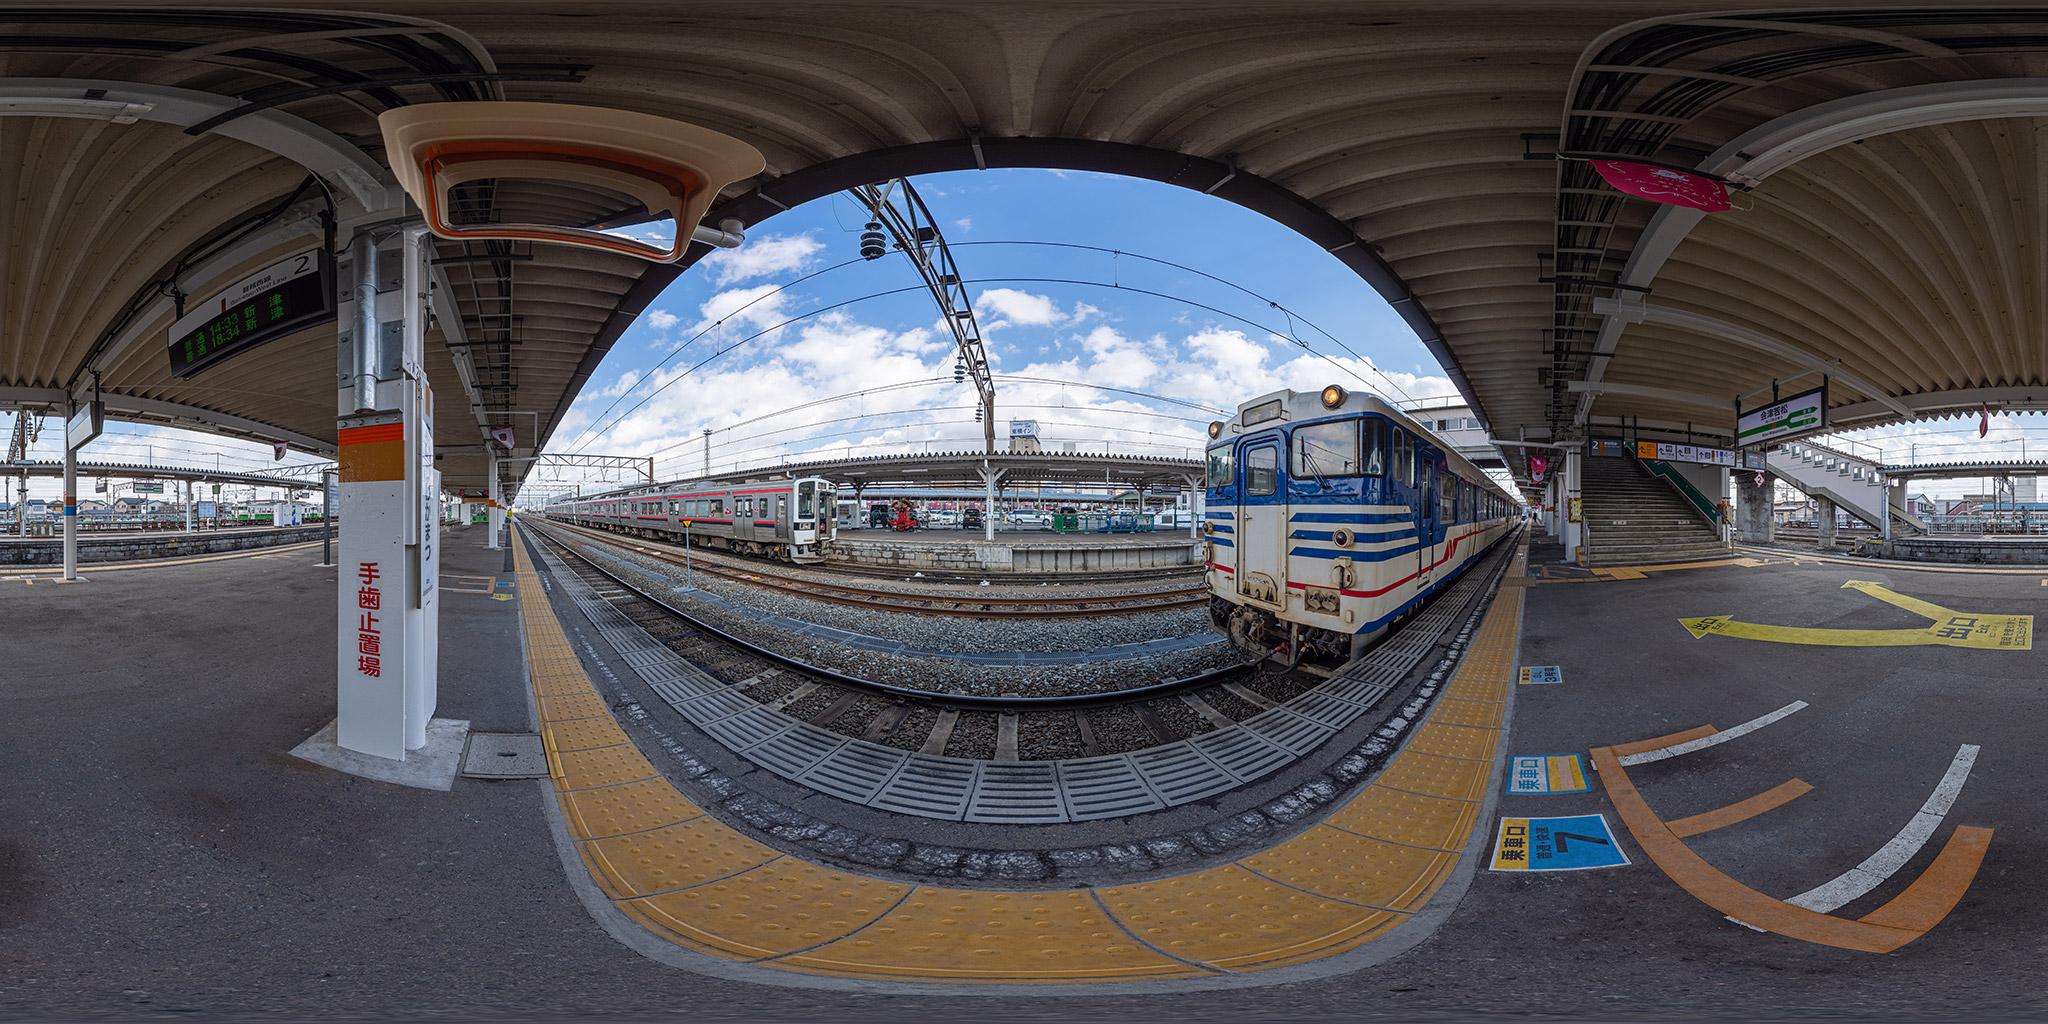 会津若松駅にて。磐越西線の719系H-11+H-12編成(3238M)とキハ47-511+キハ47-1520(233D)